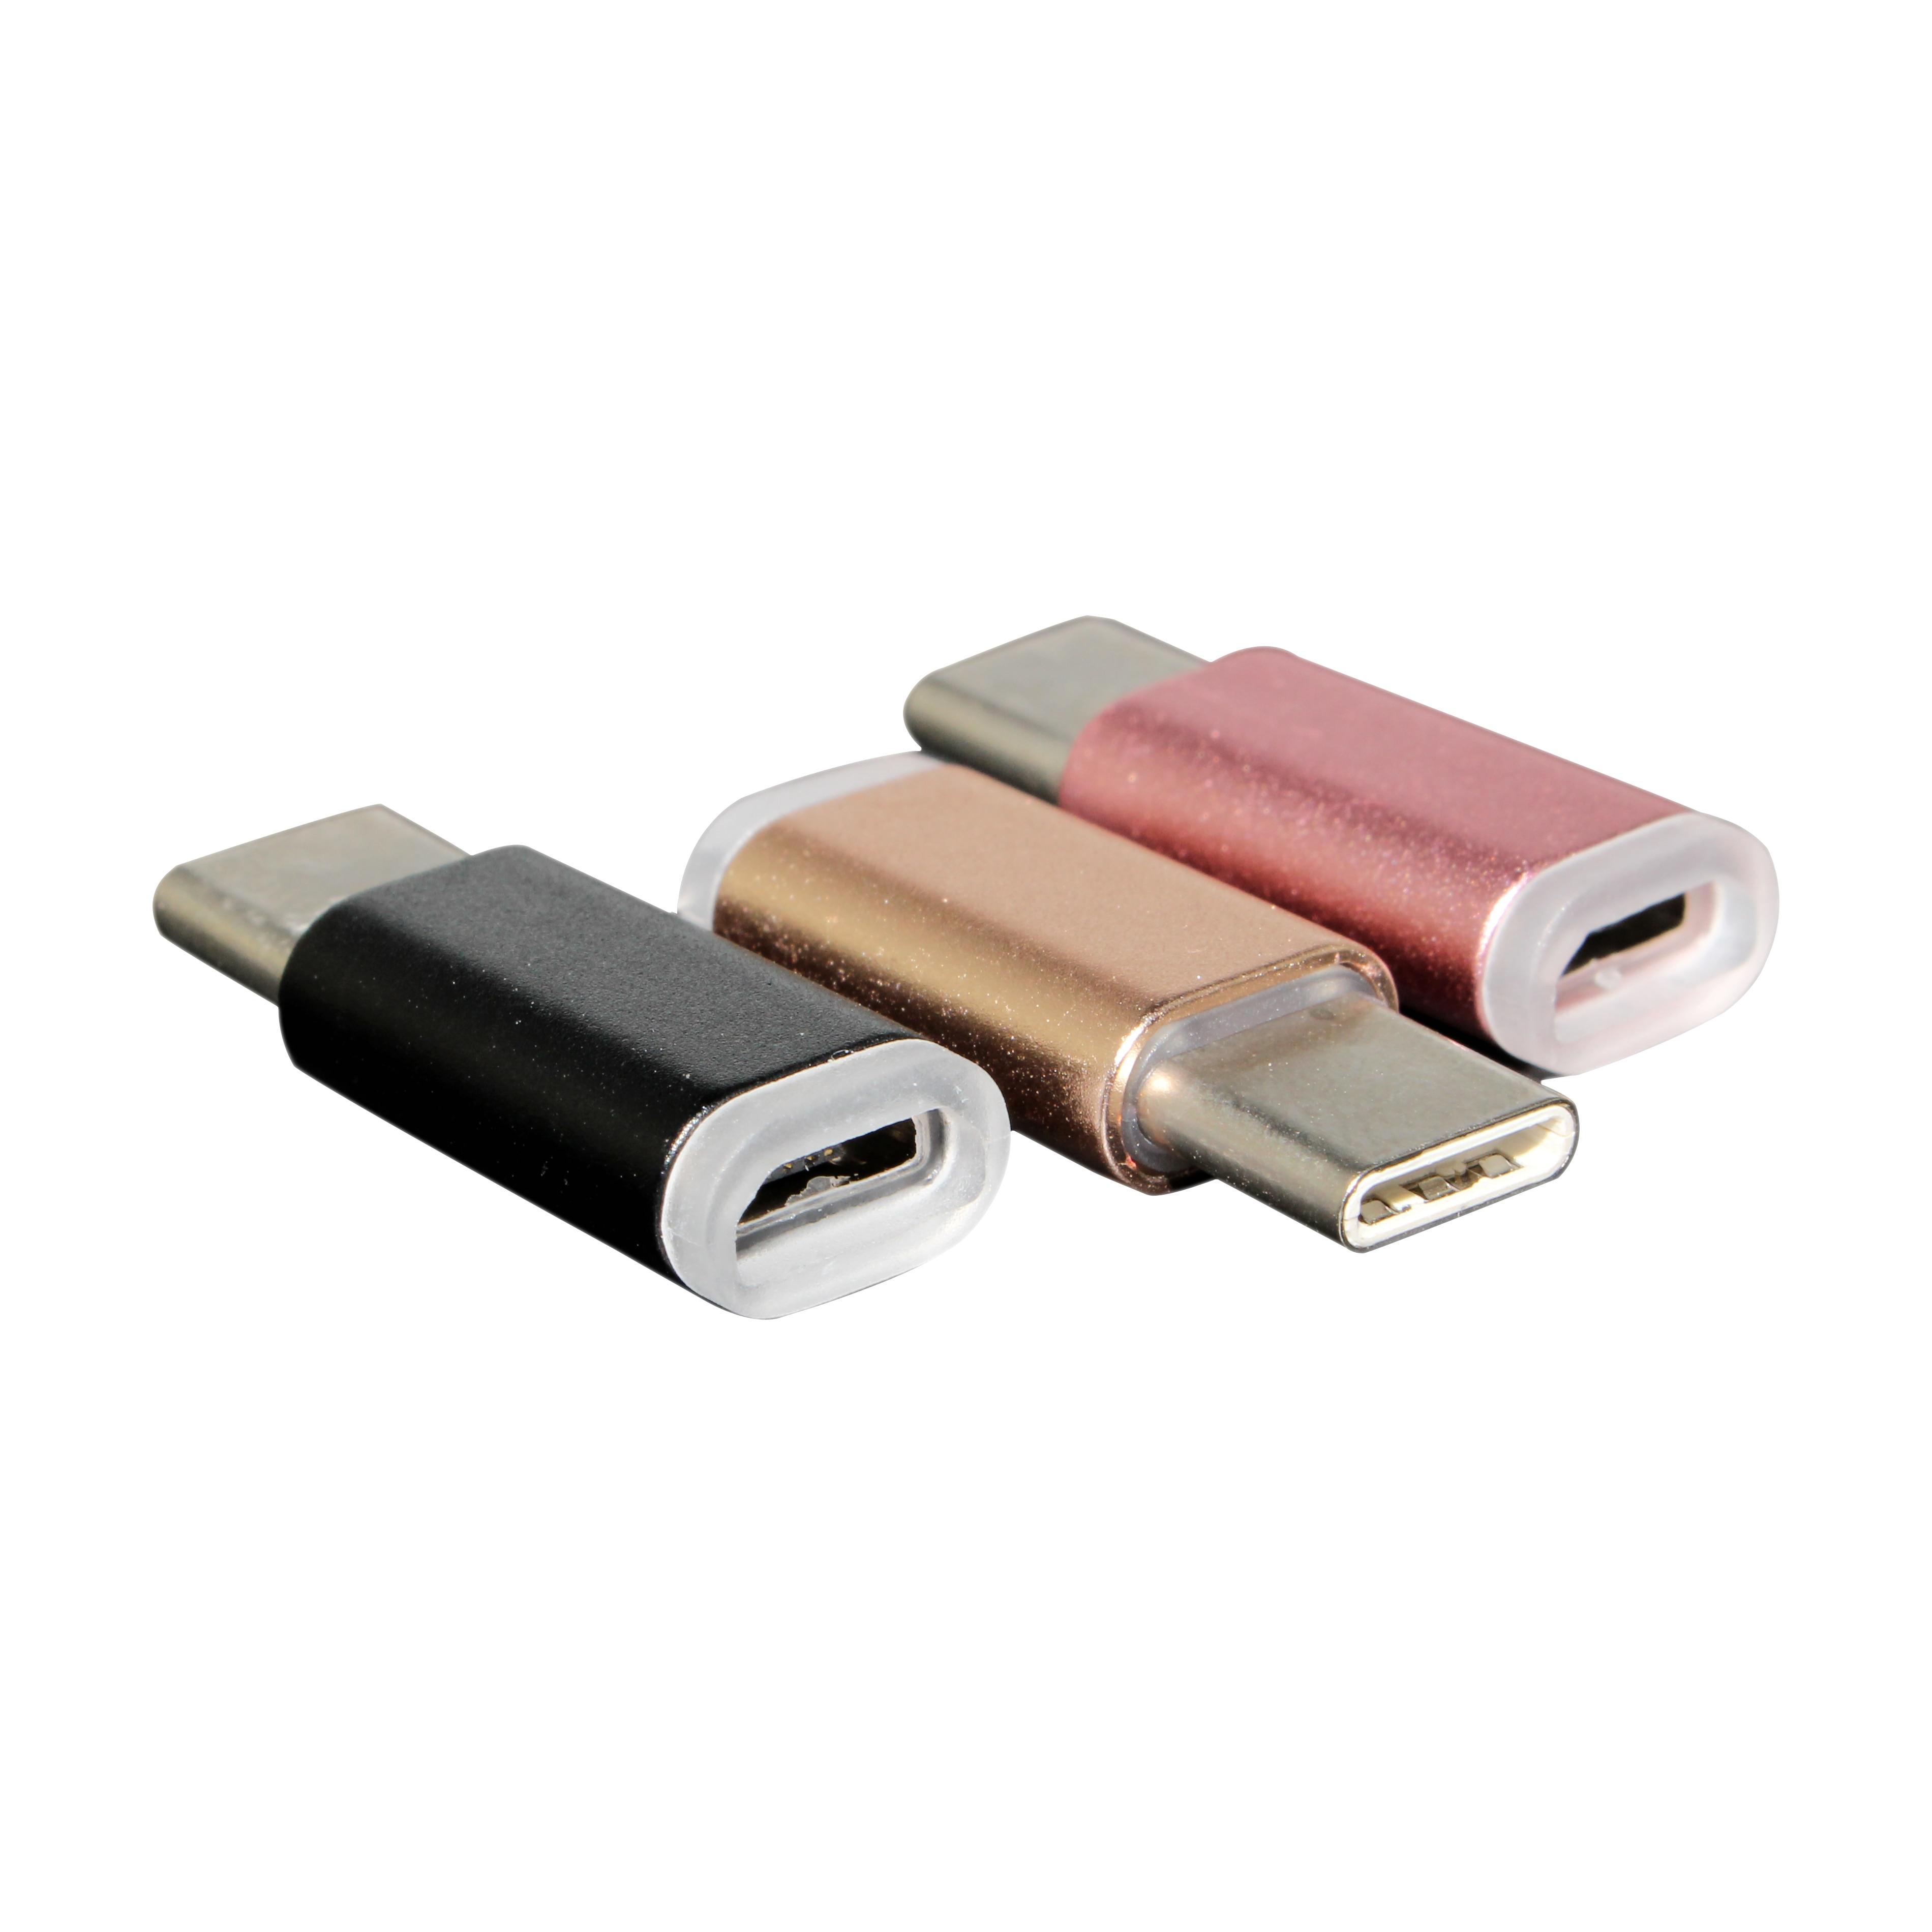 Caja de aluminio micro usb conversor de tipo C adaptador de tipo C 3,1 cable adaptador párr lg g5 nexus 5x 6p para xiaomi 4c